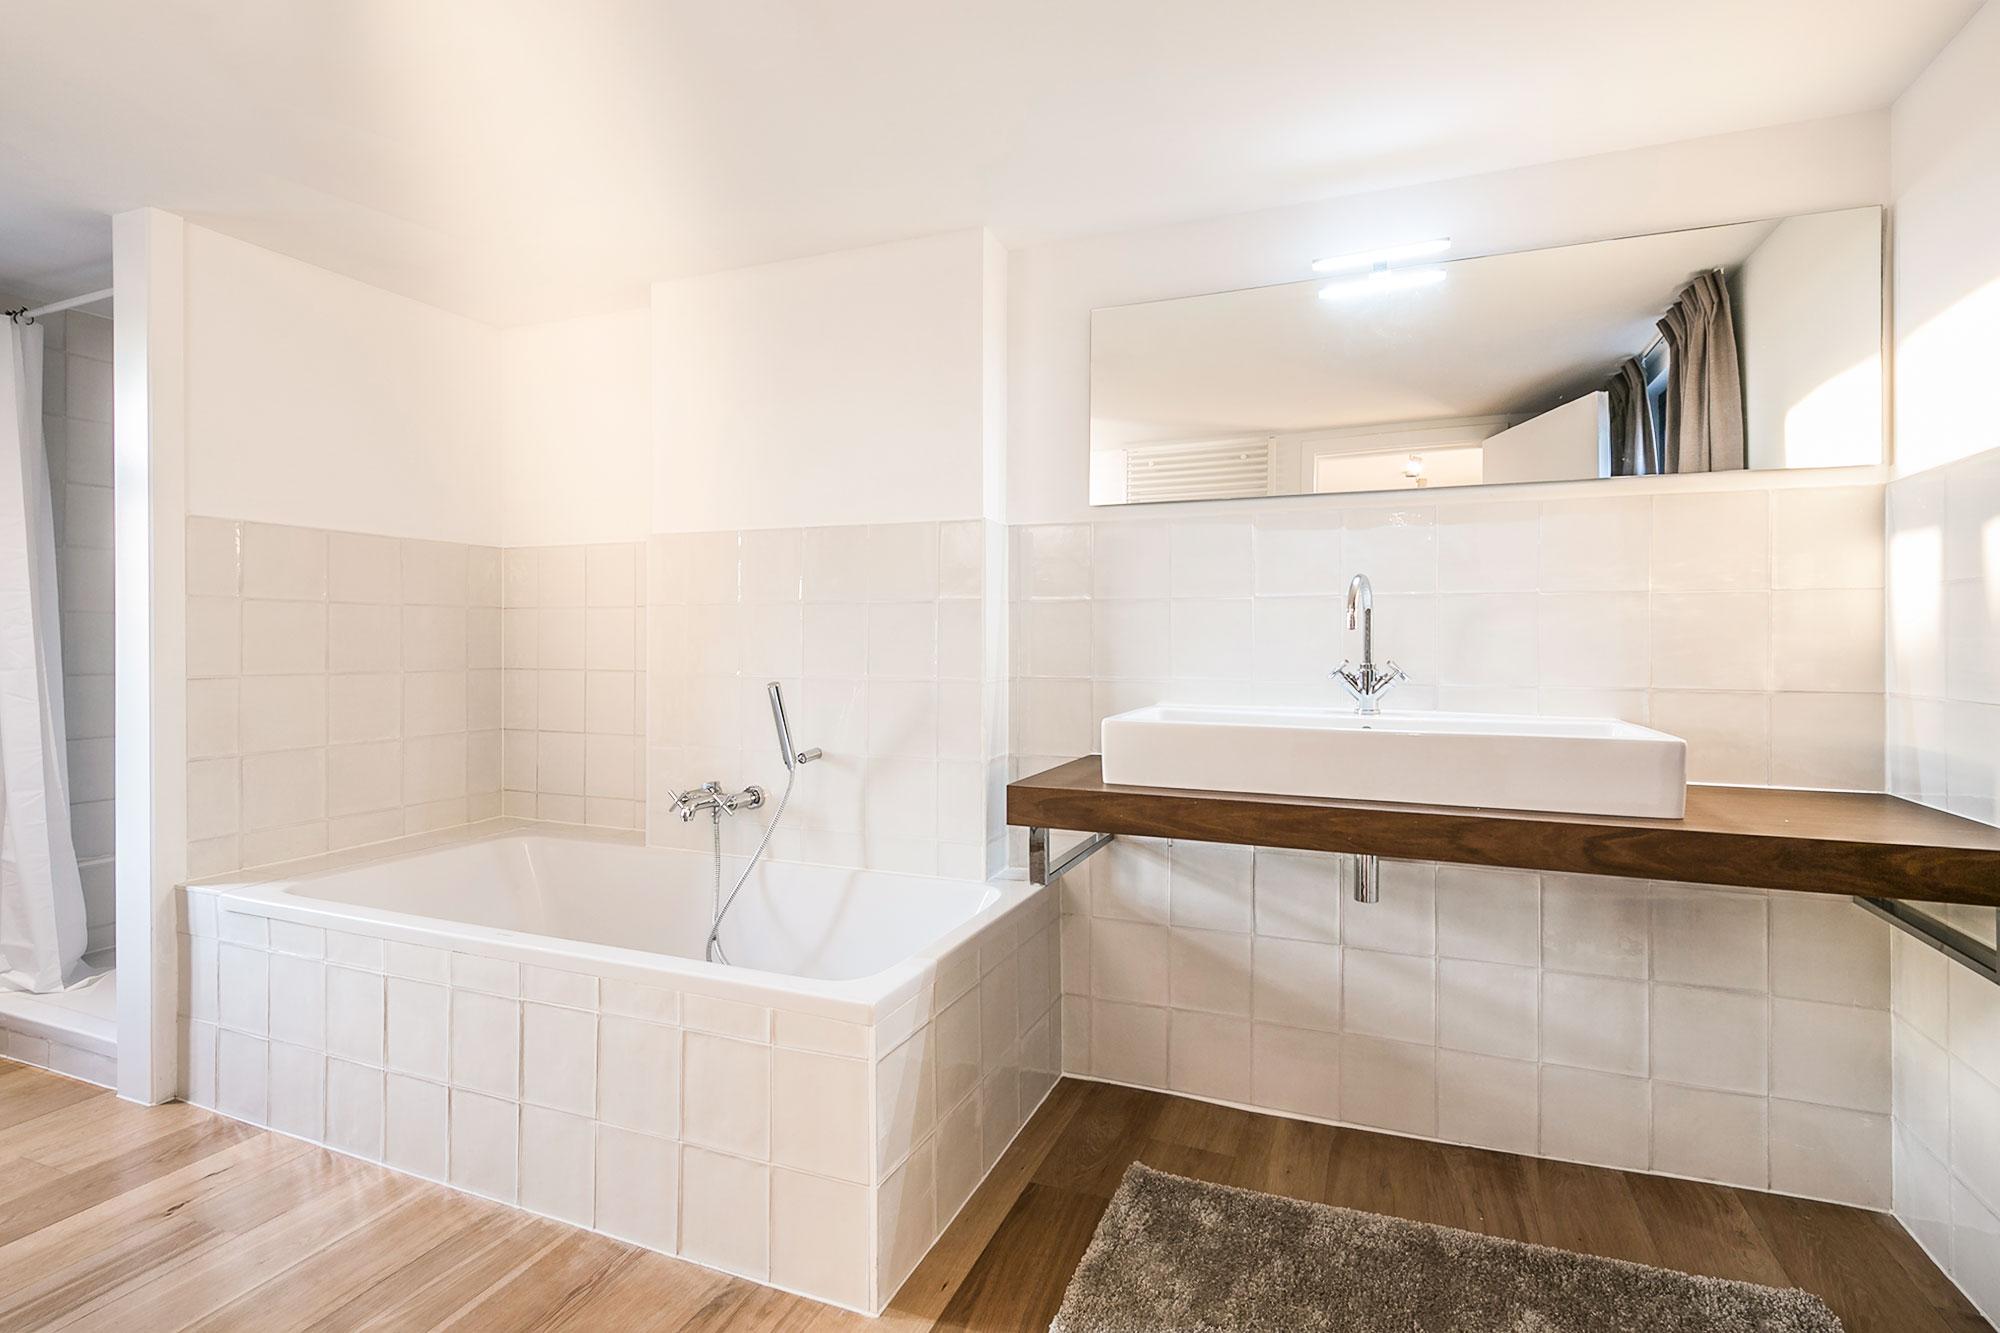 vakantiehuis te huur - badkamer met ligbad en douche